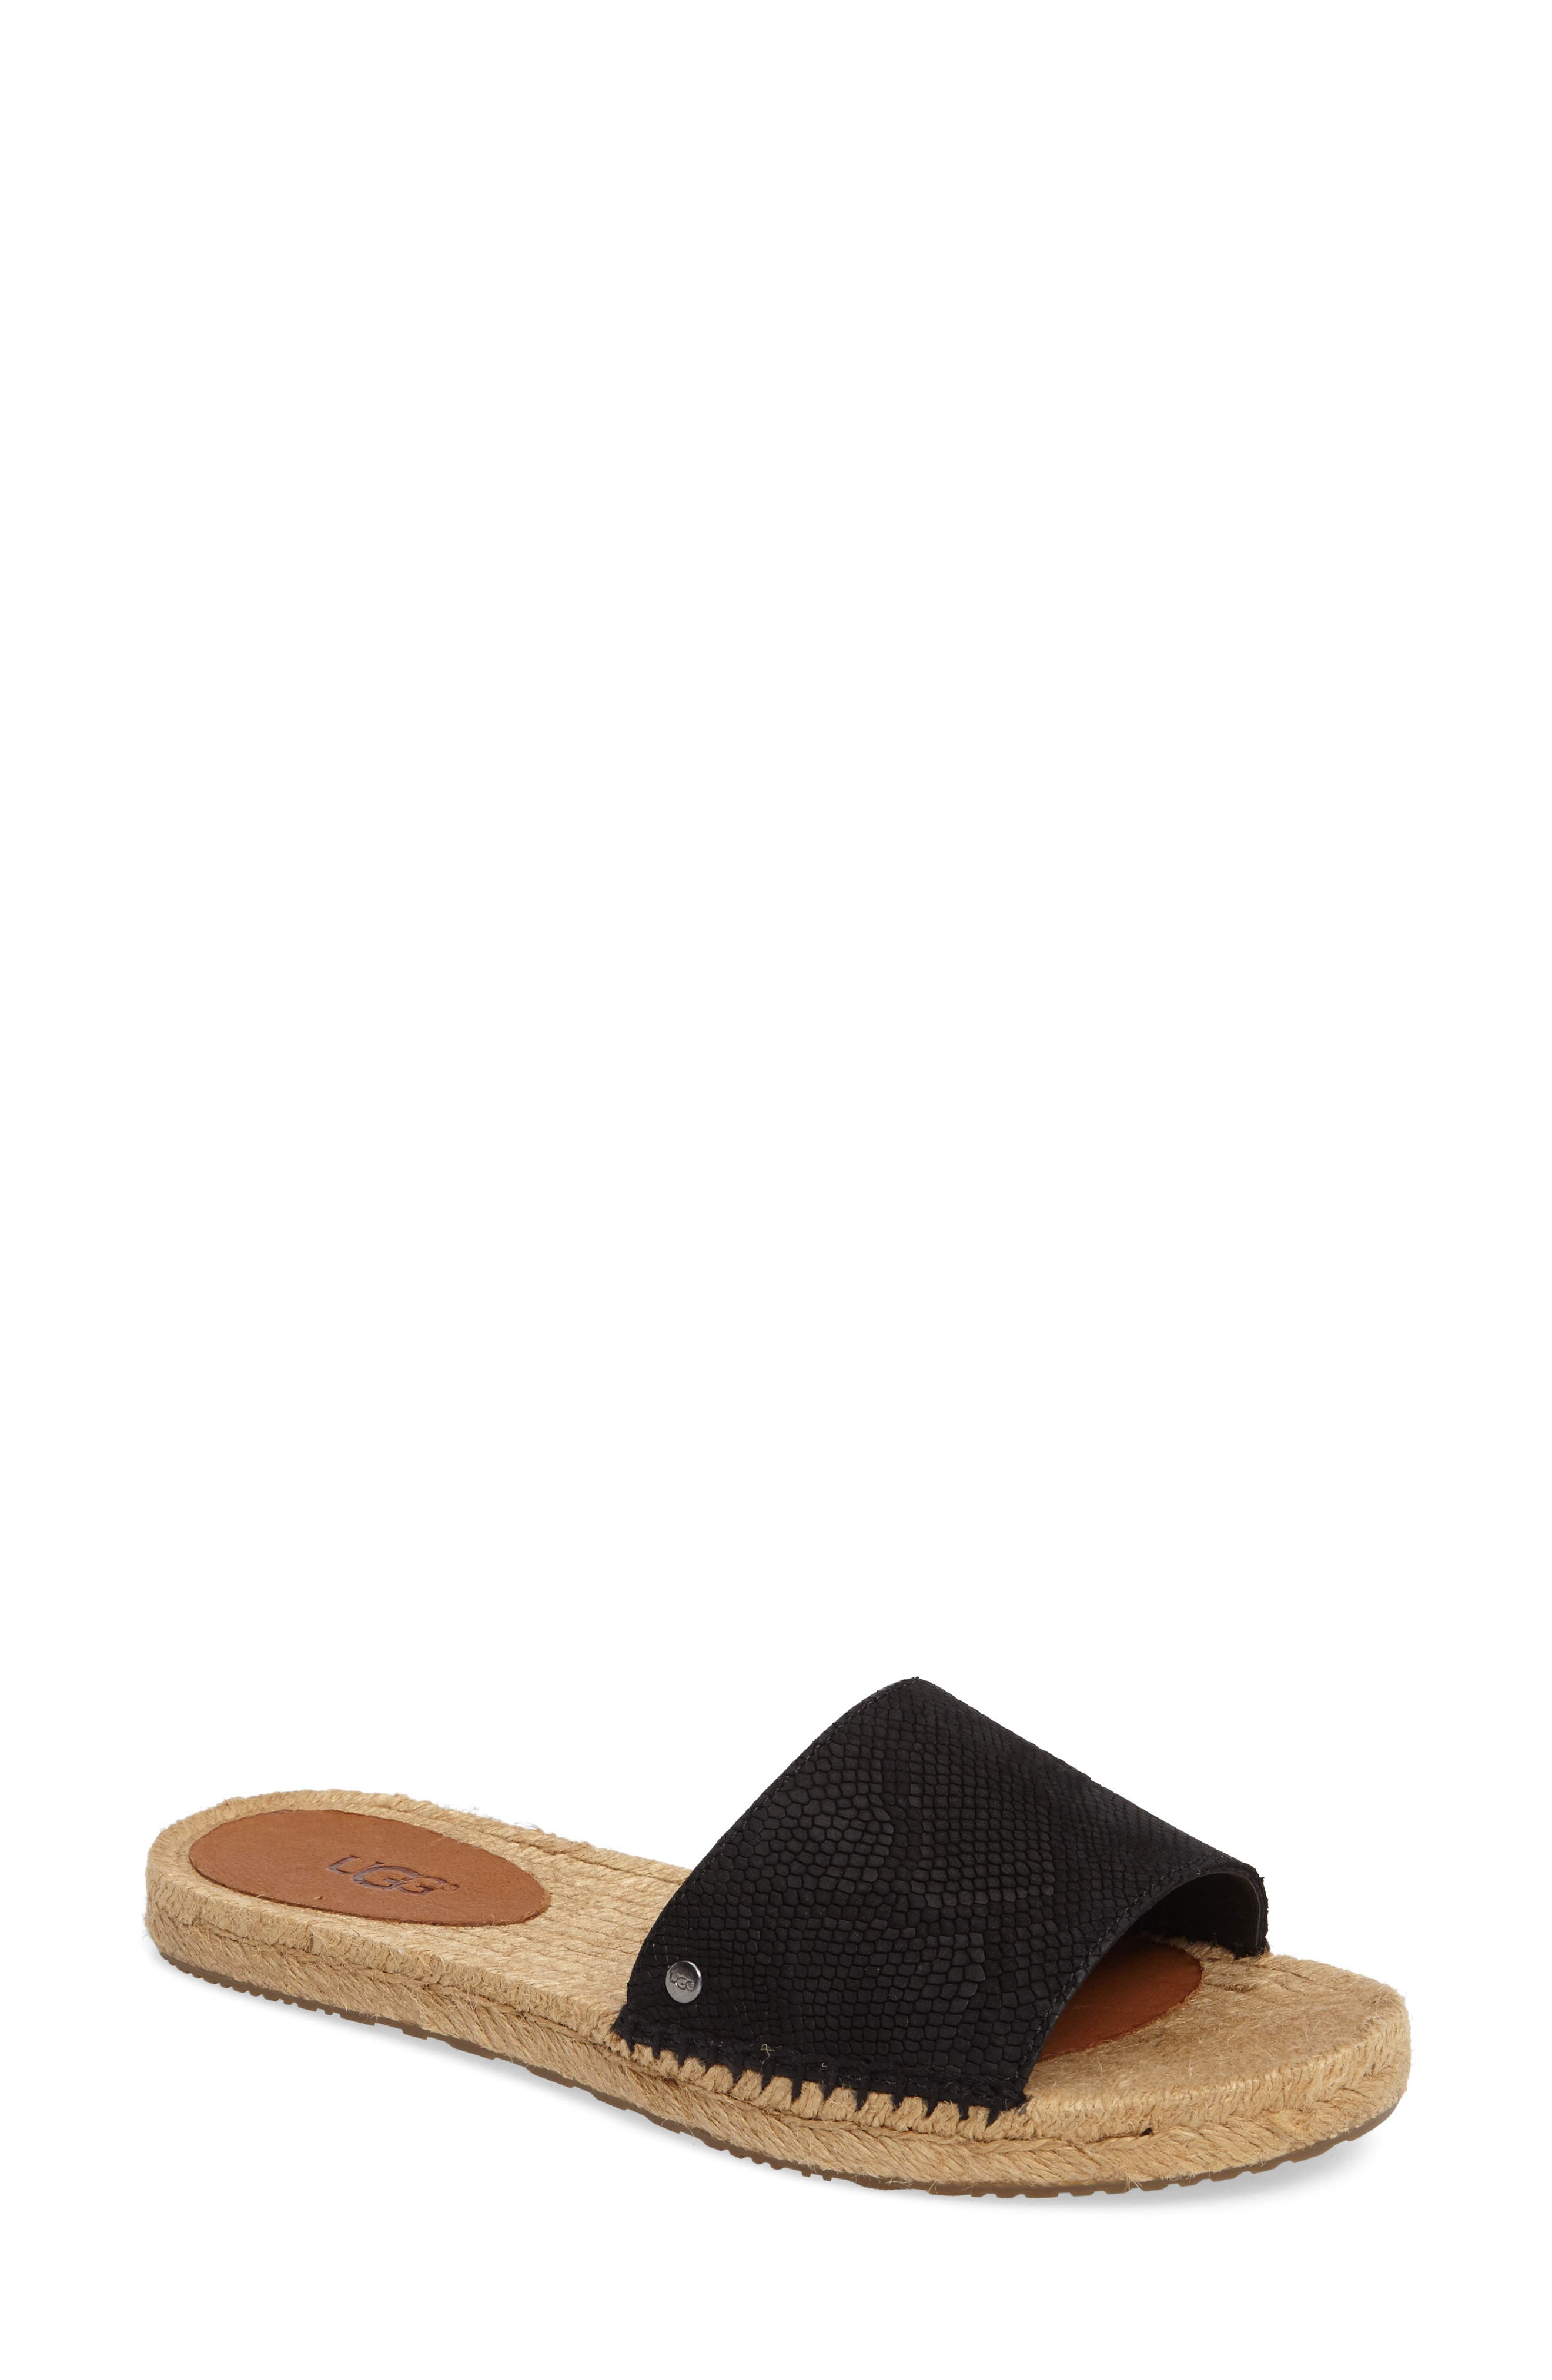 Alternate Image 1 Selected - UGG® Cherry Slide Sandal (Women)